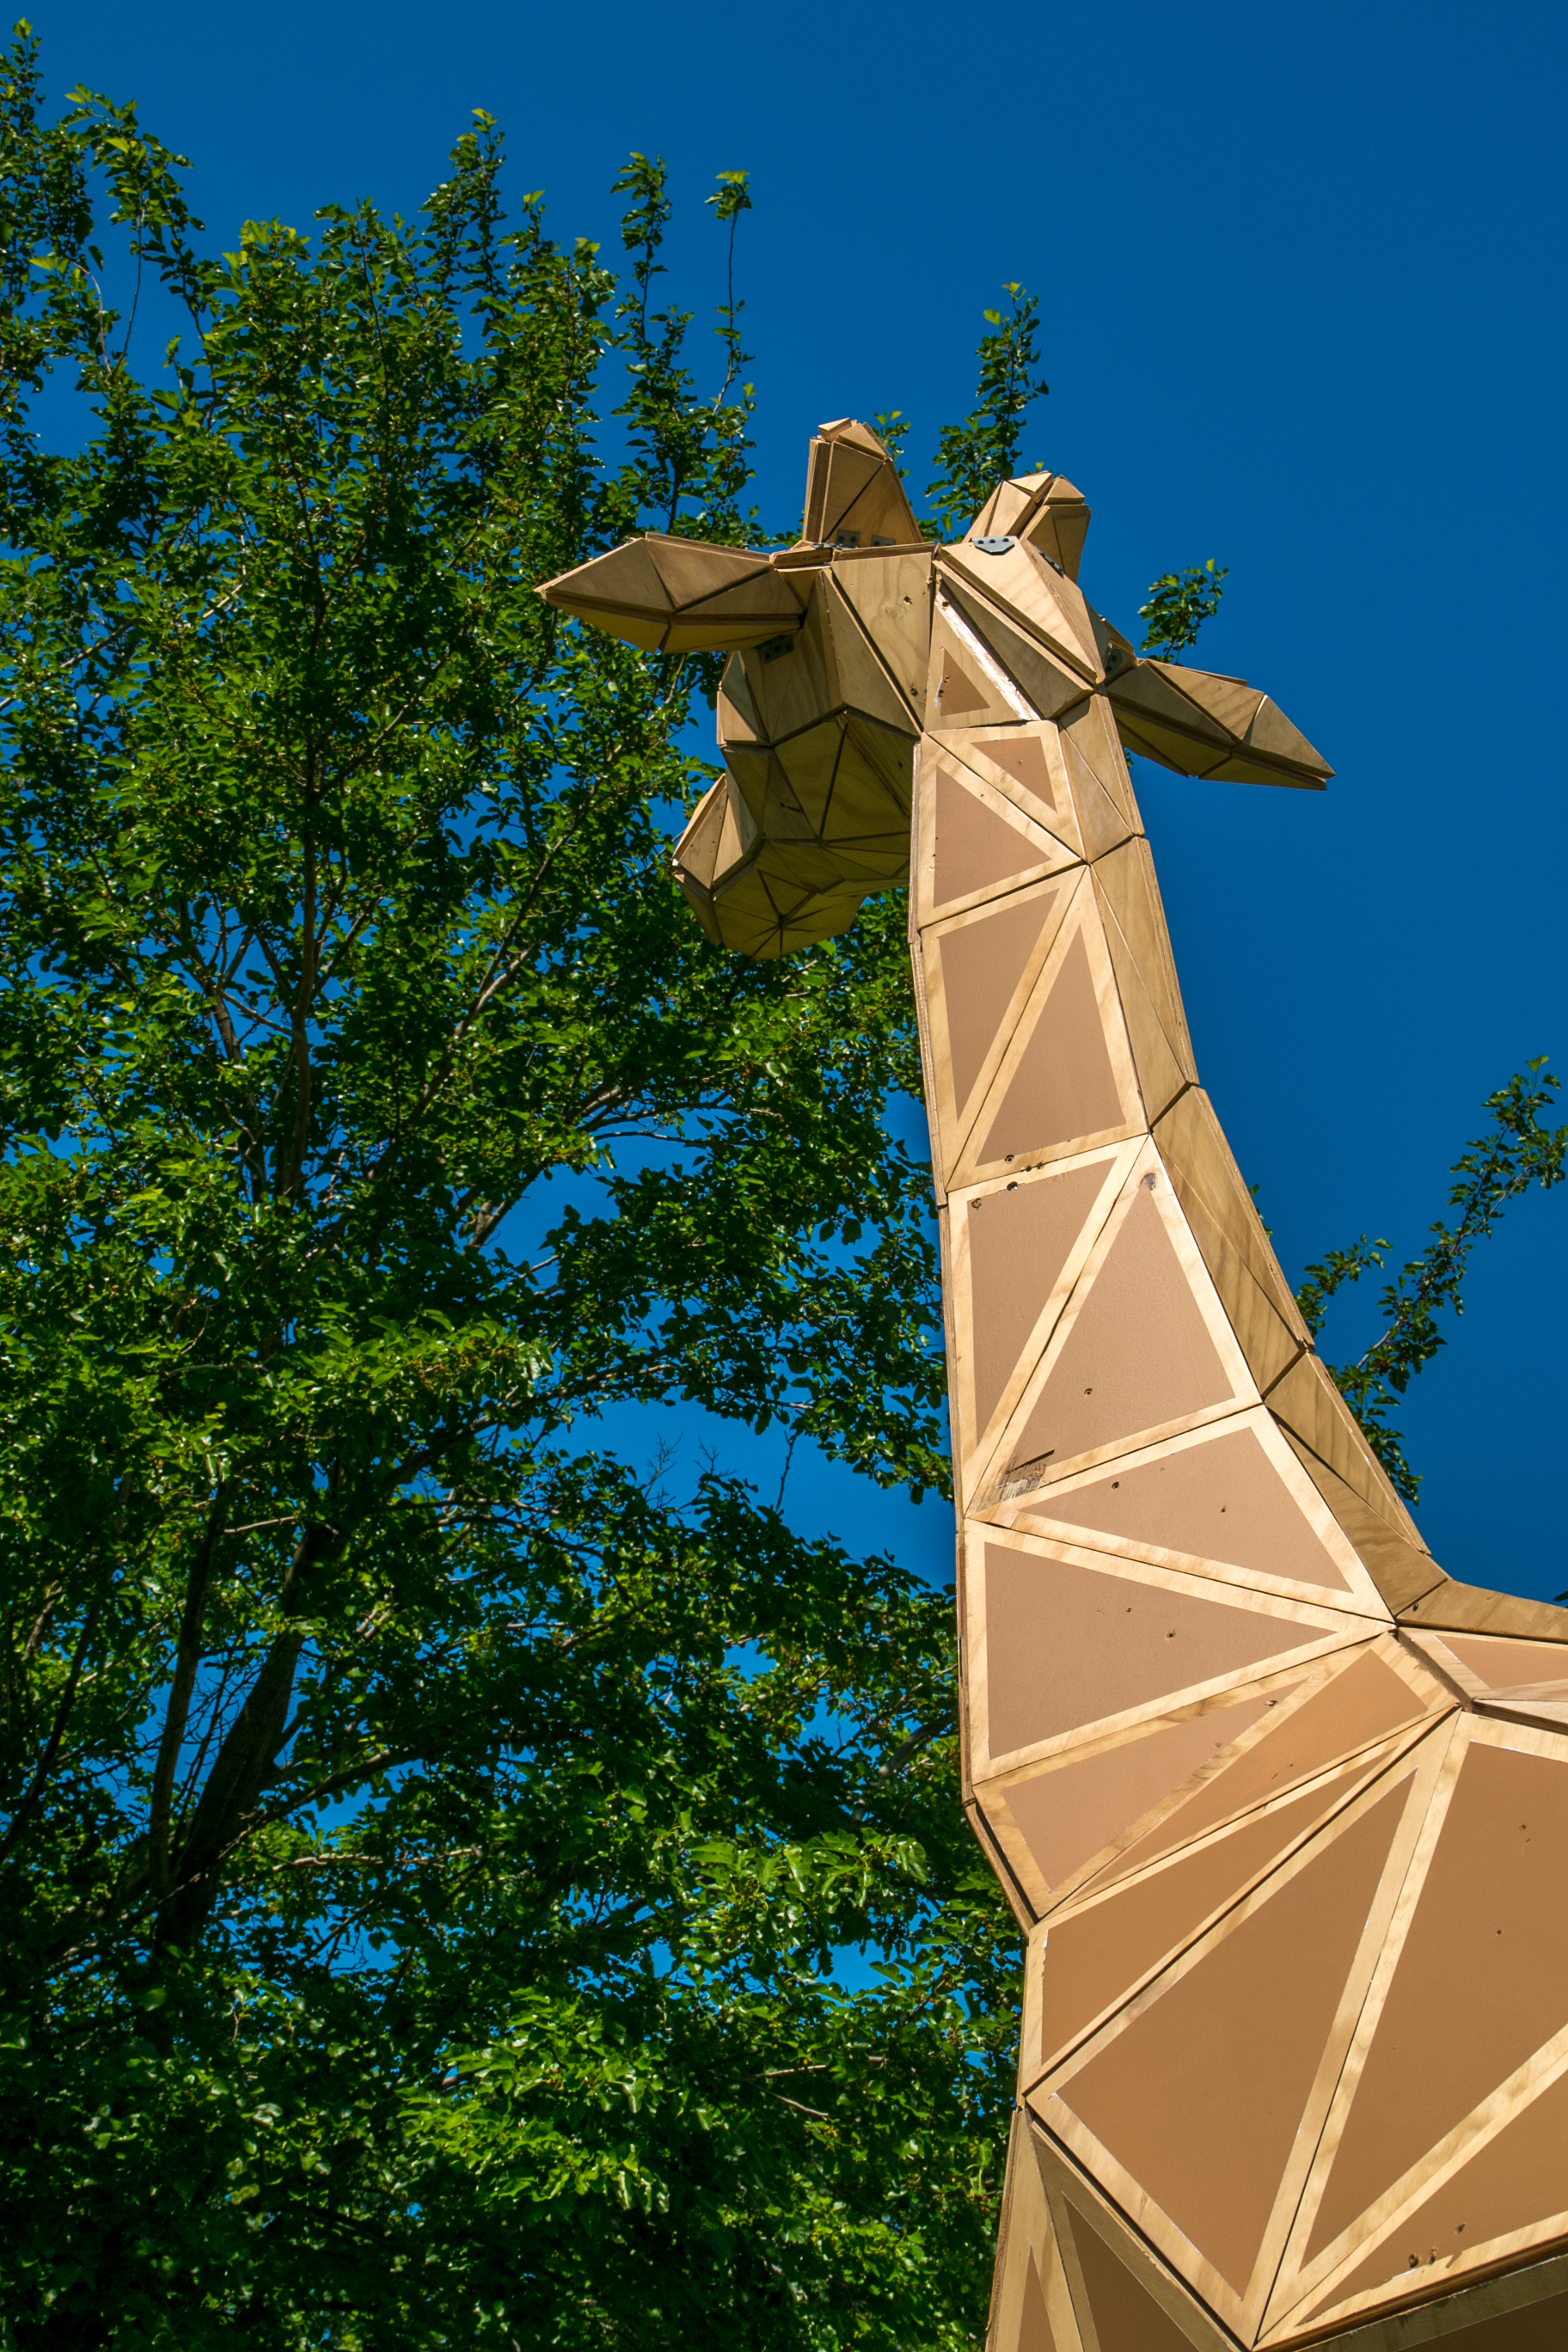 achilles the giraffe  (12 of 49).jpg